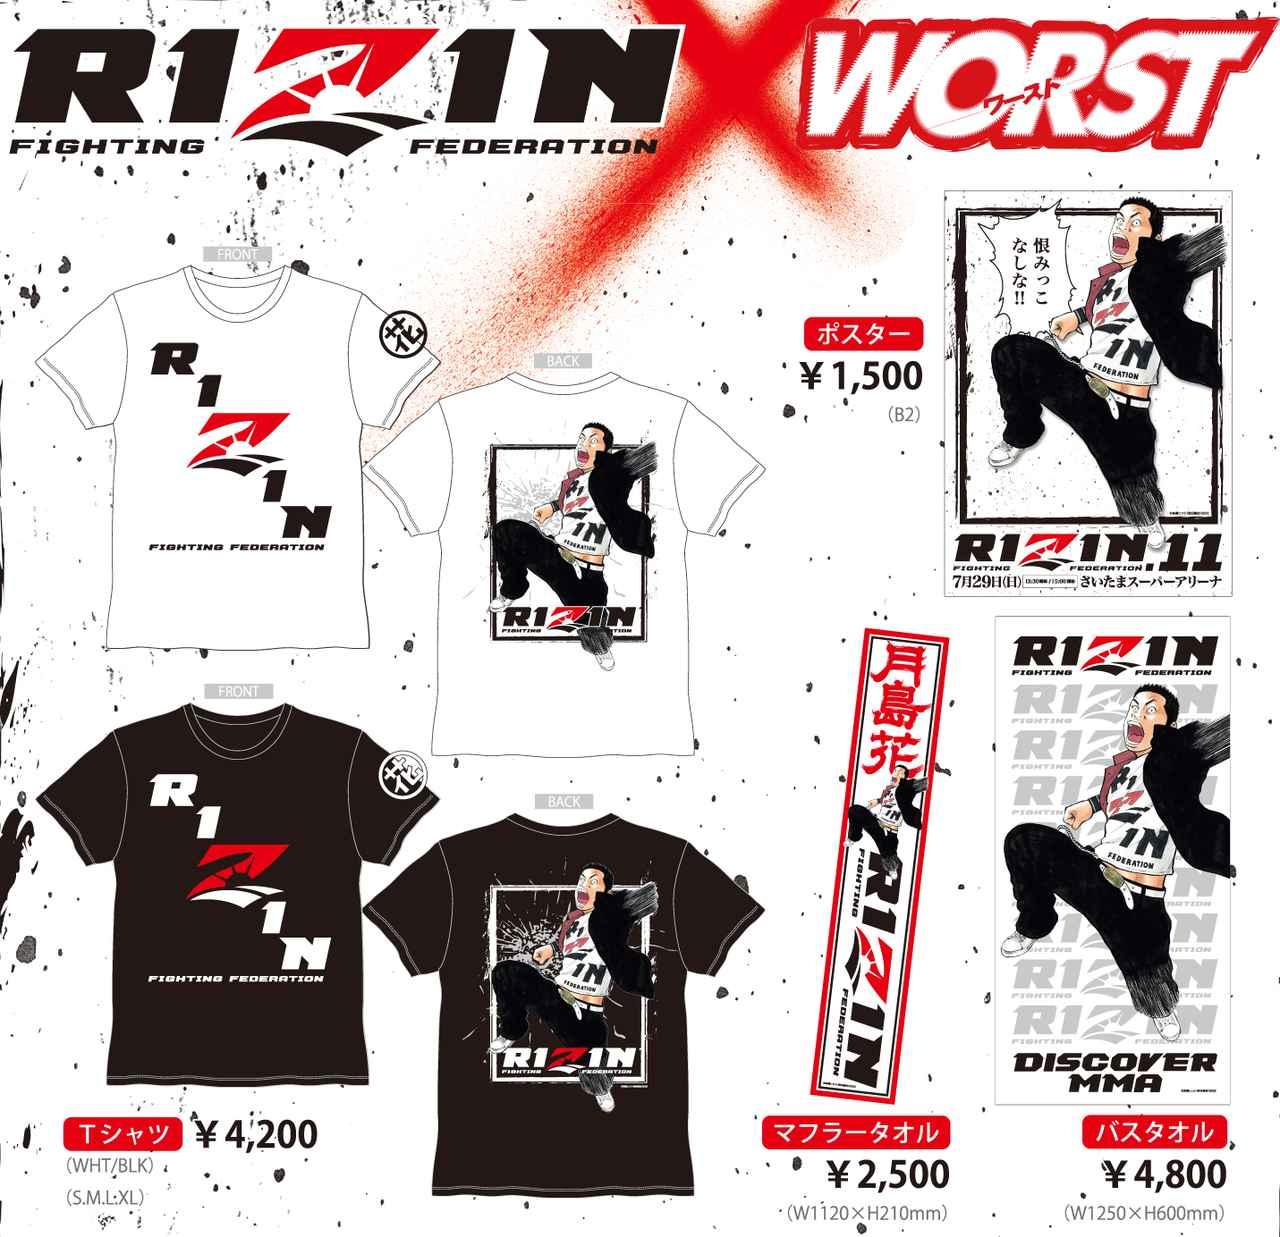 画像1: 【グッズ情報】7.29『RIZIN.11』新作オフィシャルグッズ!